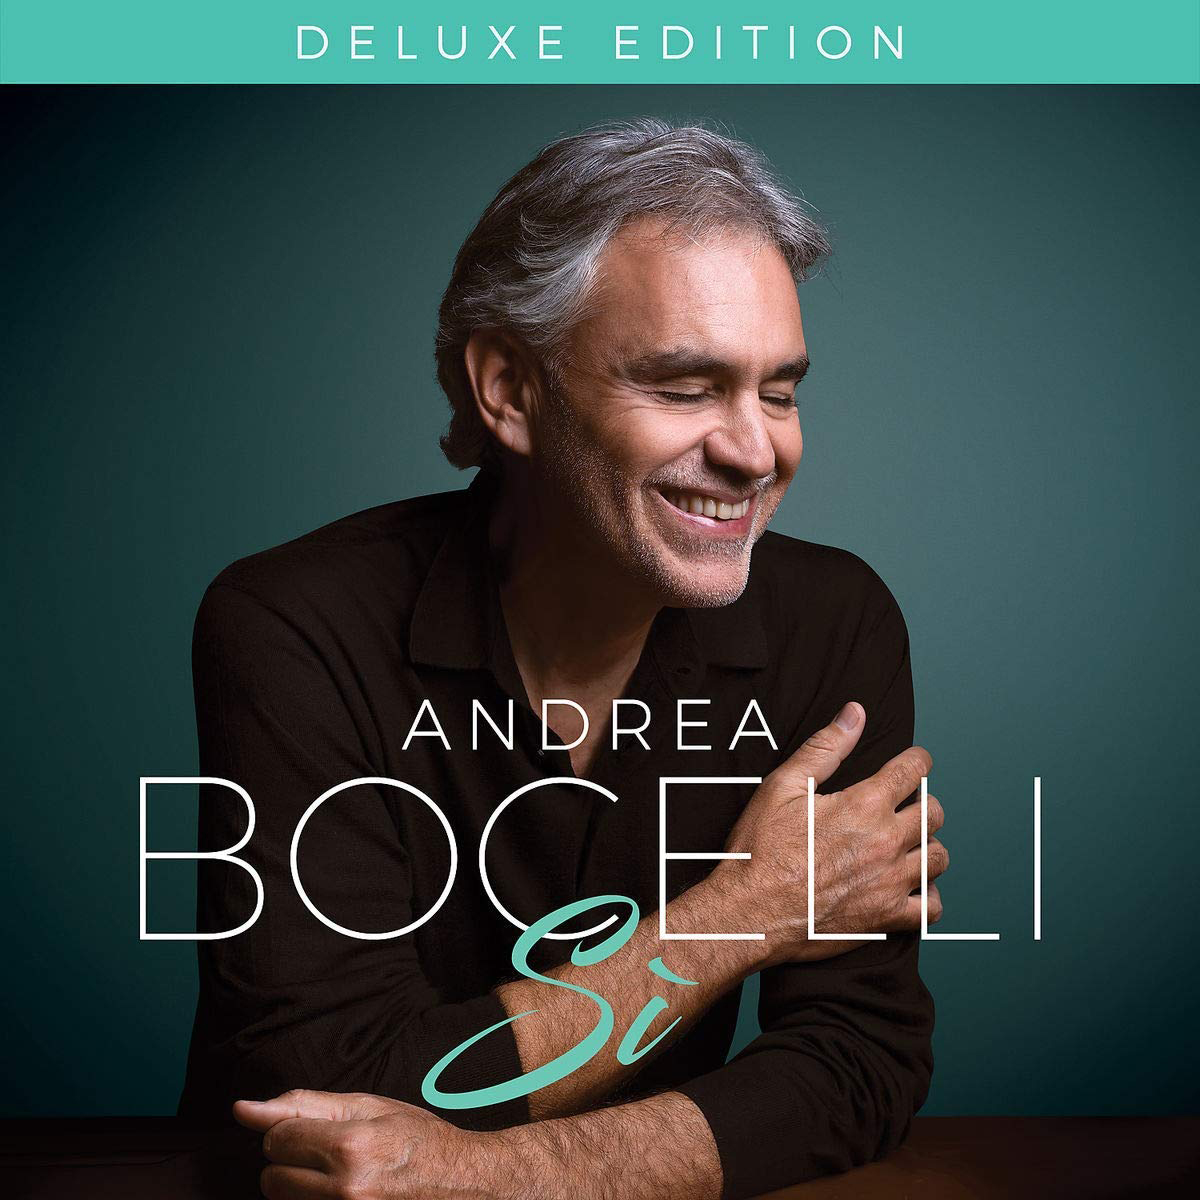 Andrea Bocelli  Si  Deluxe Edition